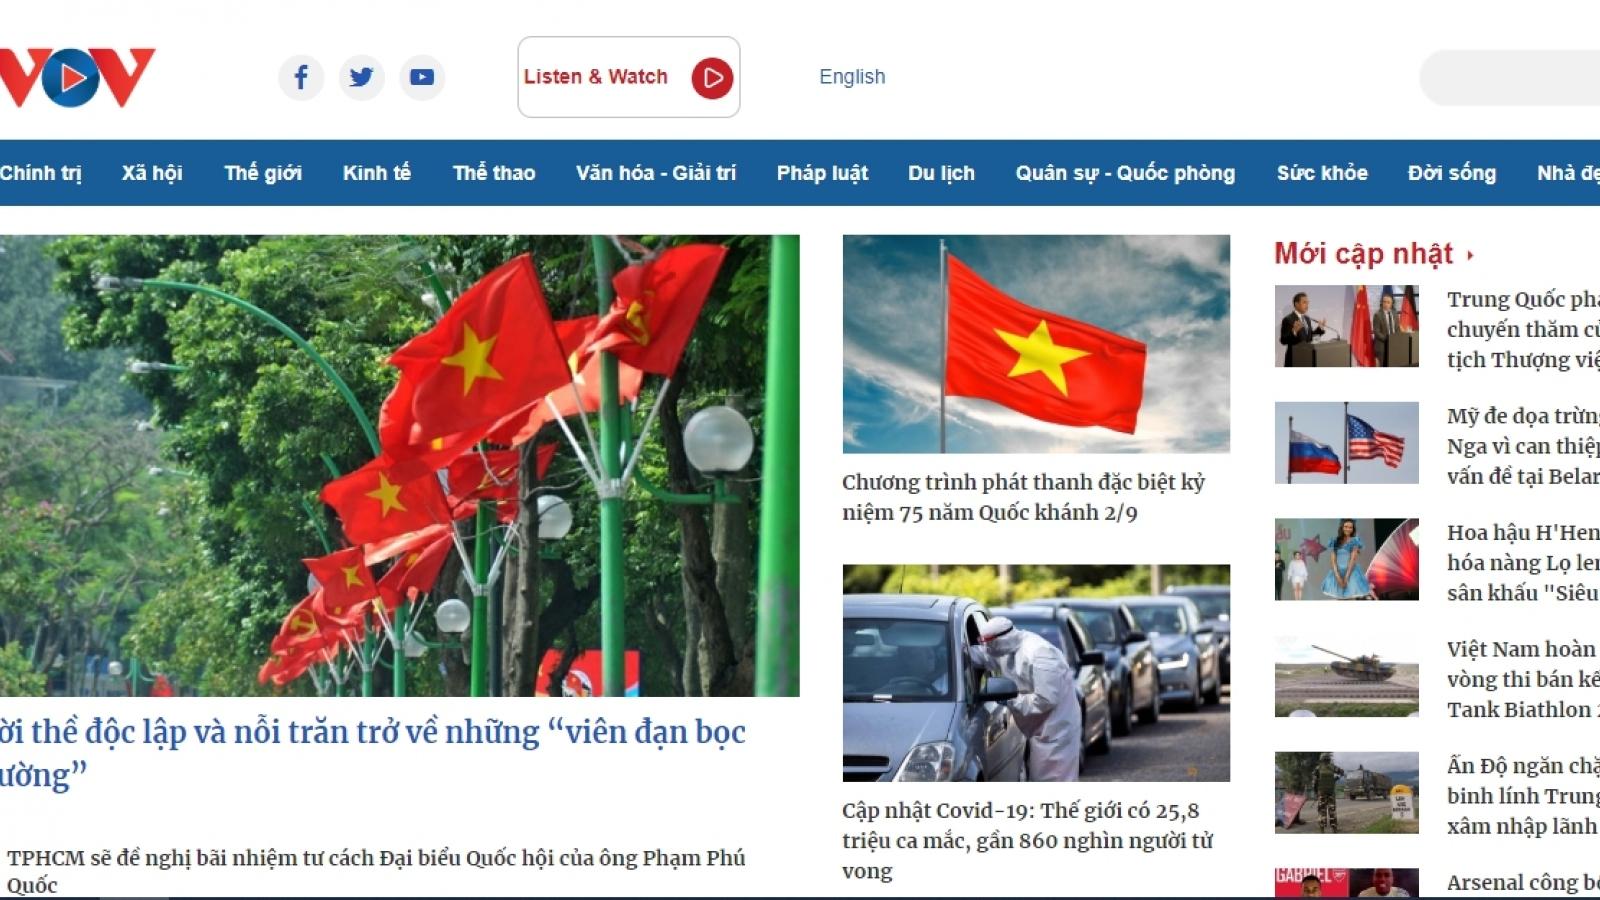 Báo điện tử VOV thay giao diện mới nhân kỷ niệm 75 năm thành lập Đài Tiếng nói Việt Nam